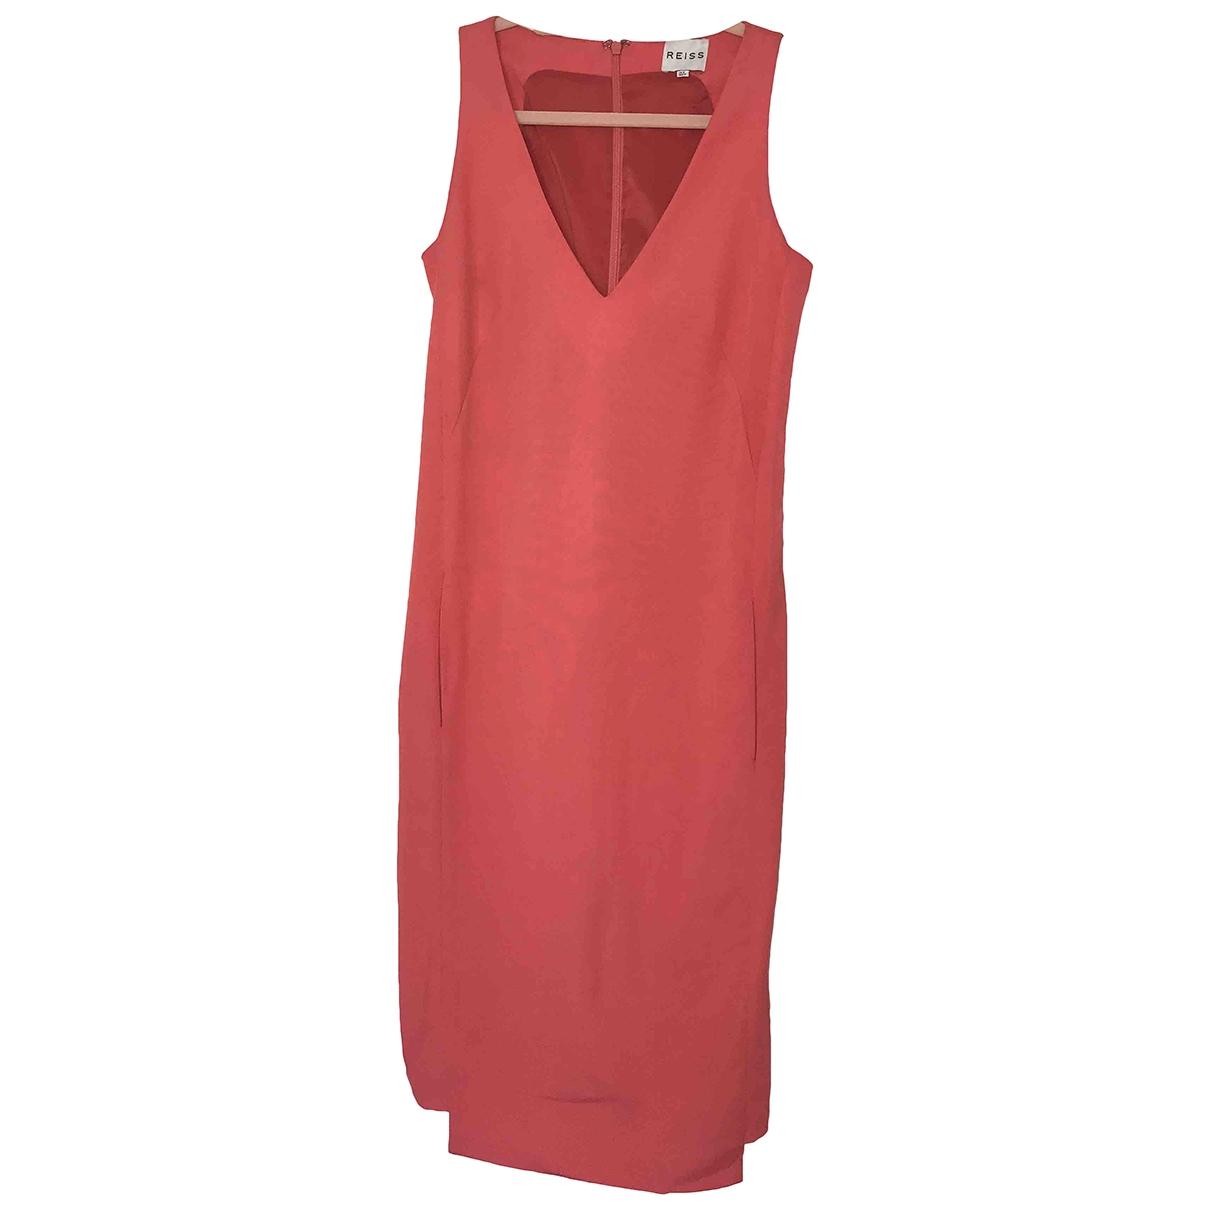 Reiss \N Kleid in  Orange Viskose